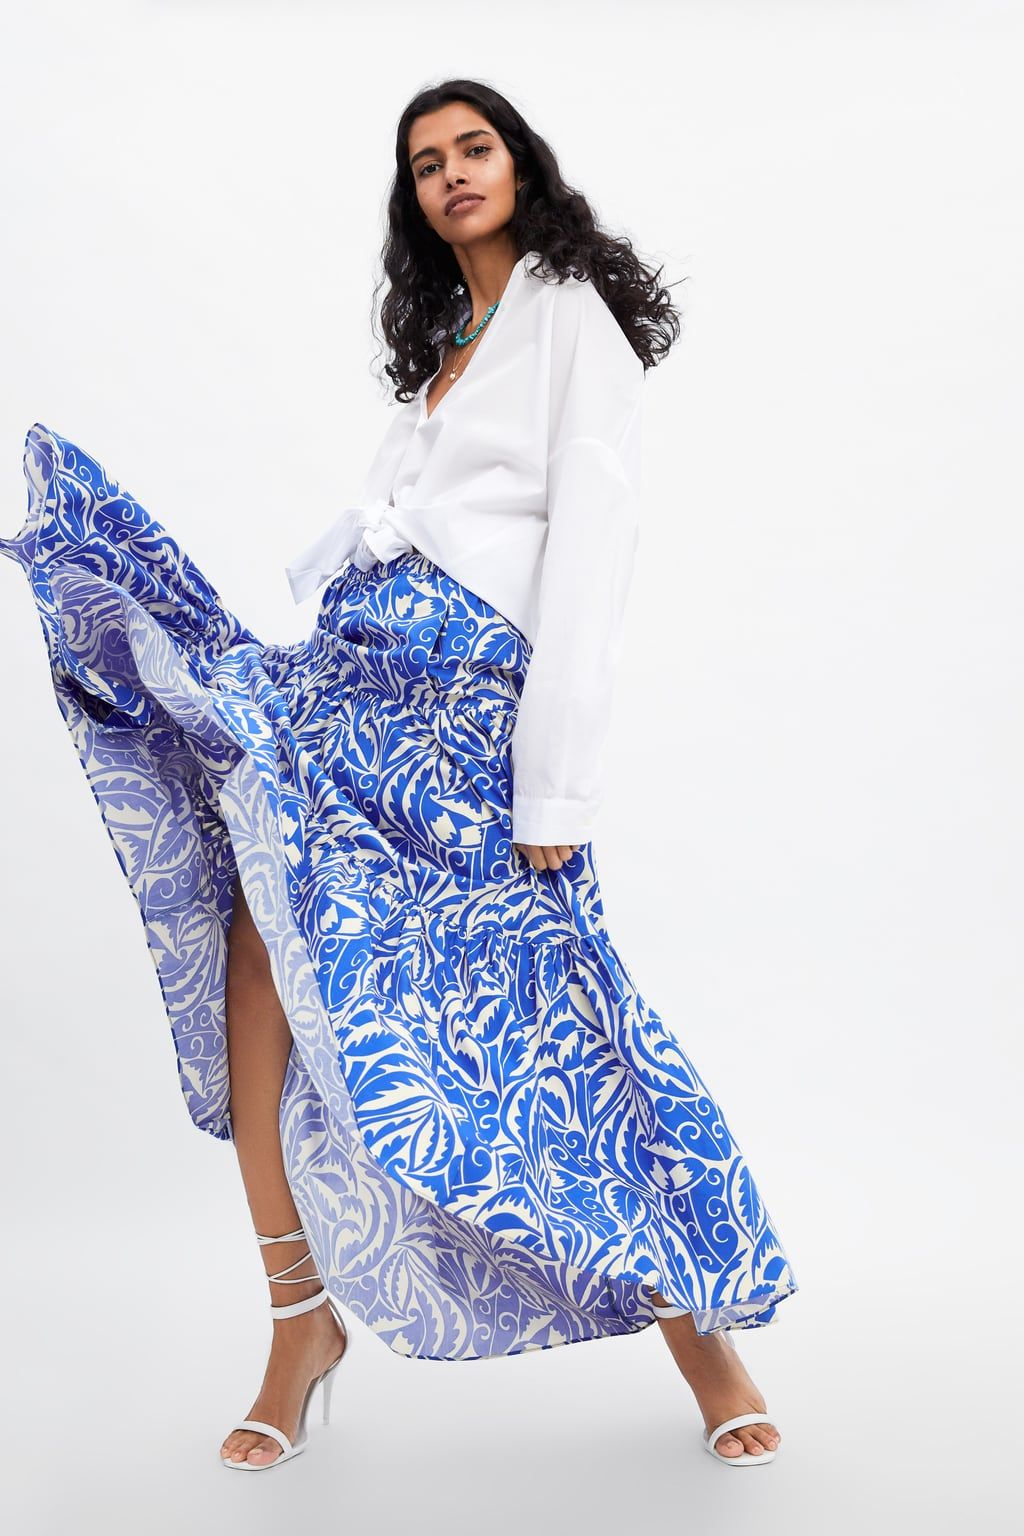 dfc4cc997 Faldas Largas Blancas Zara | Wig Elegance